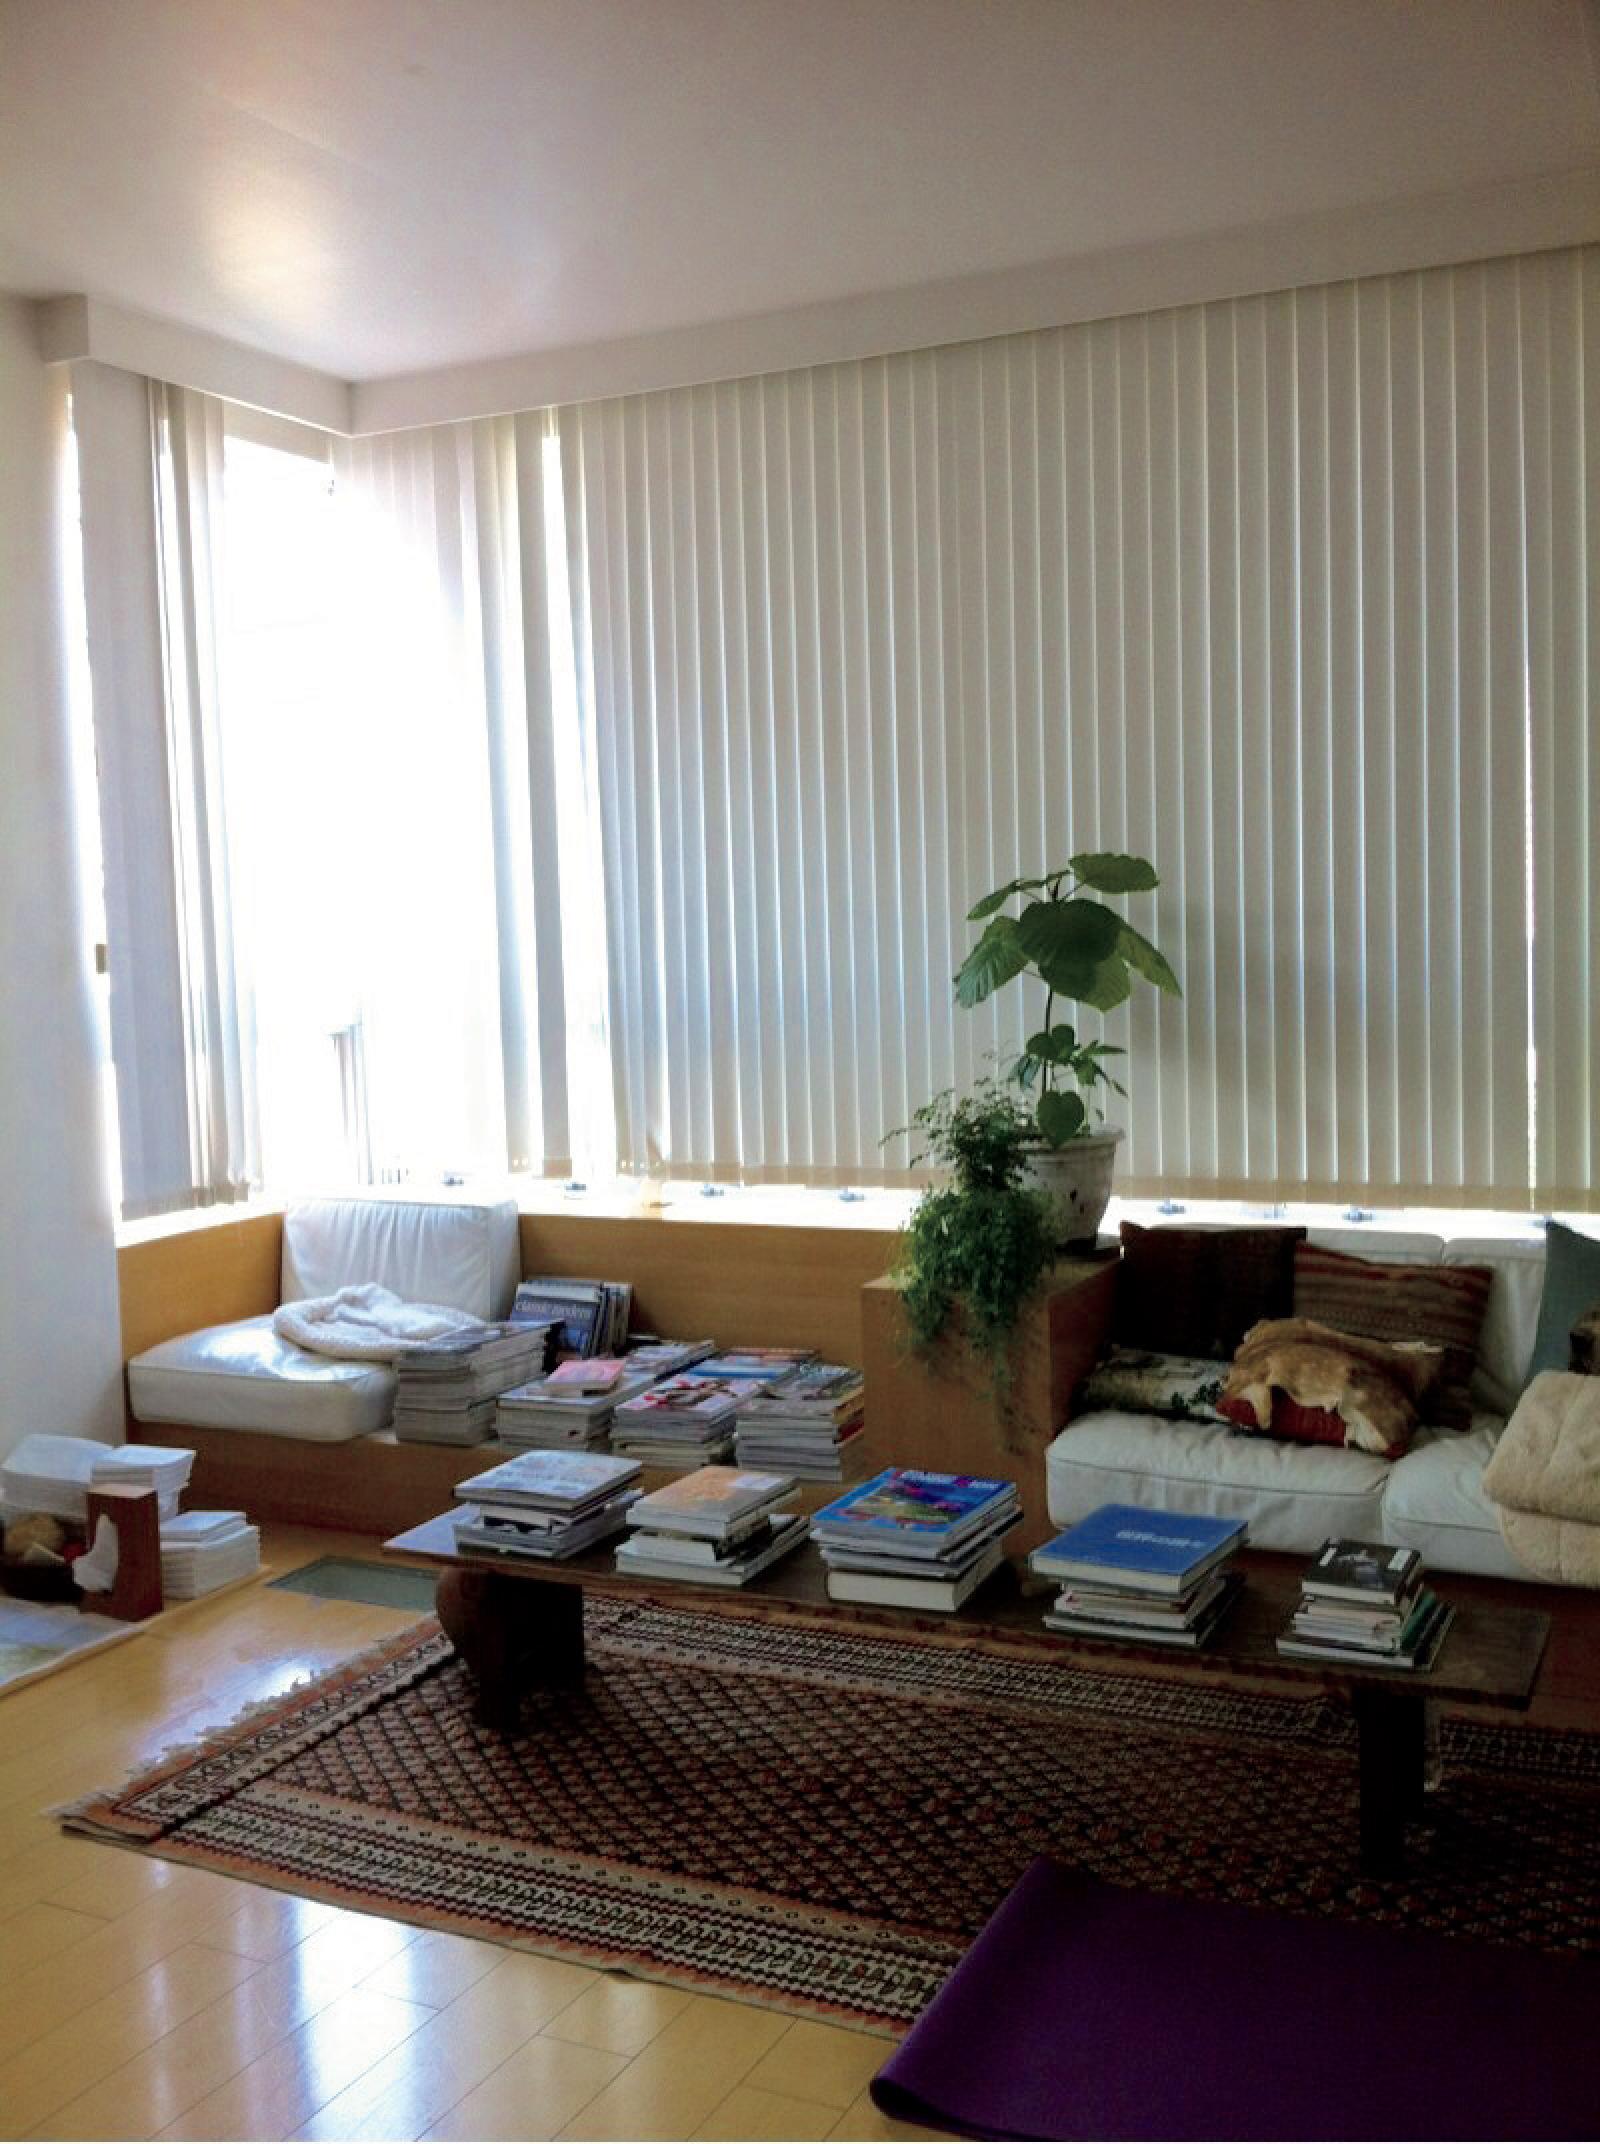 日々の生活を心地よく過ごすための室内グリーンの飾り方 五選_1_2-1